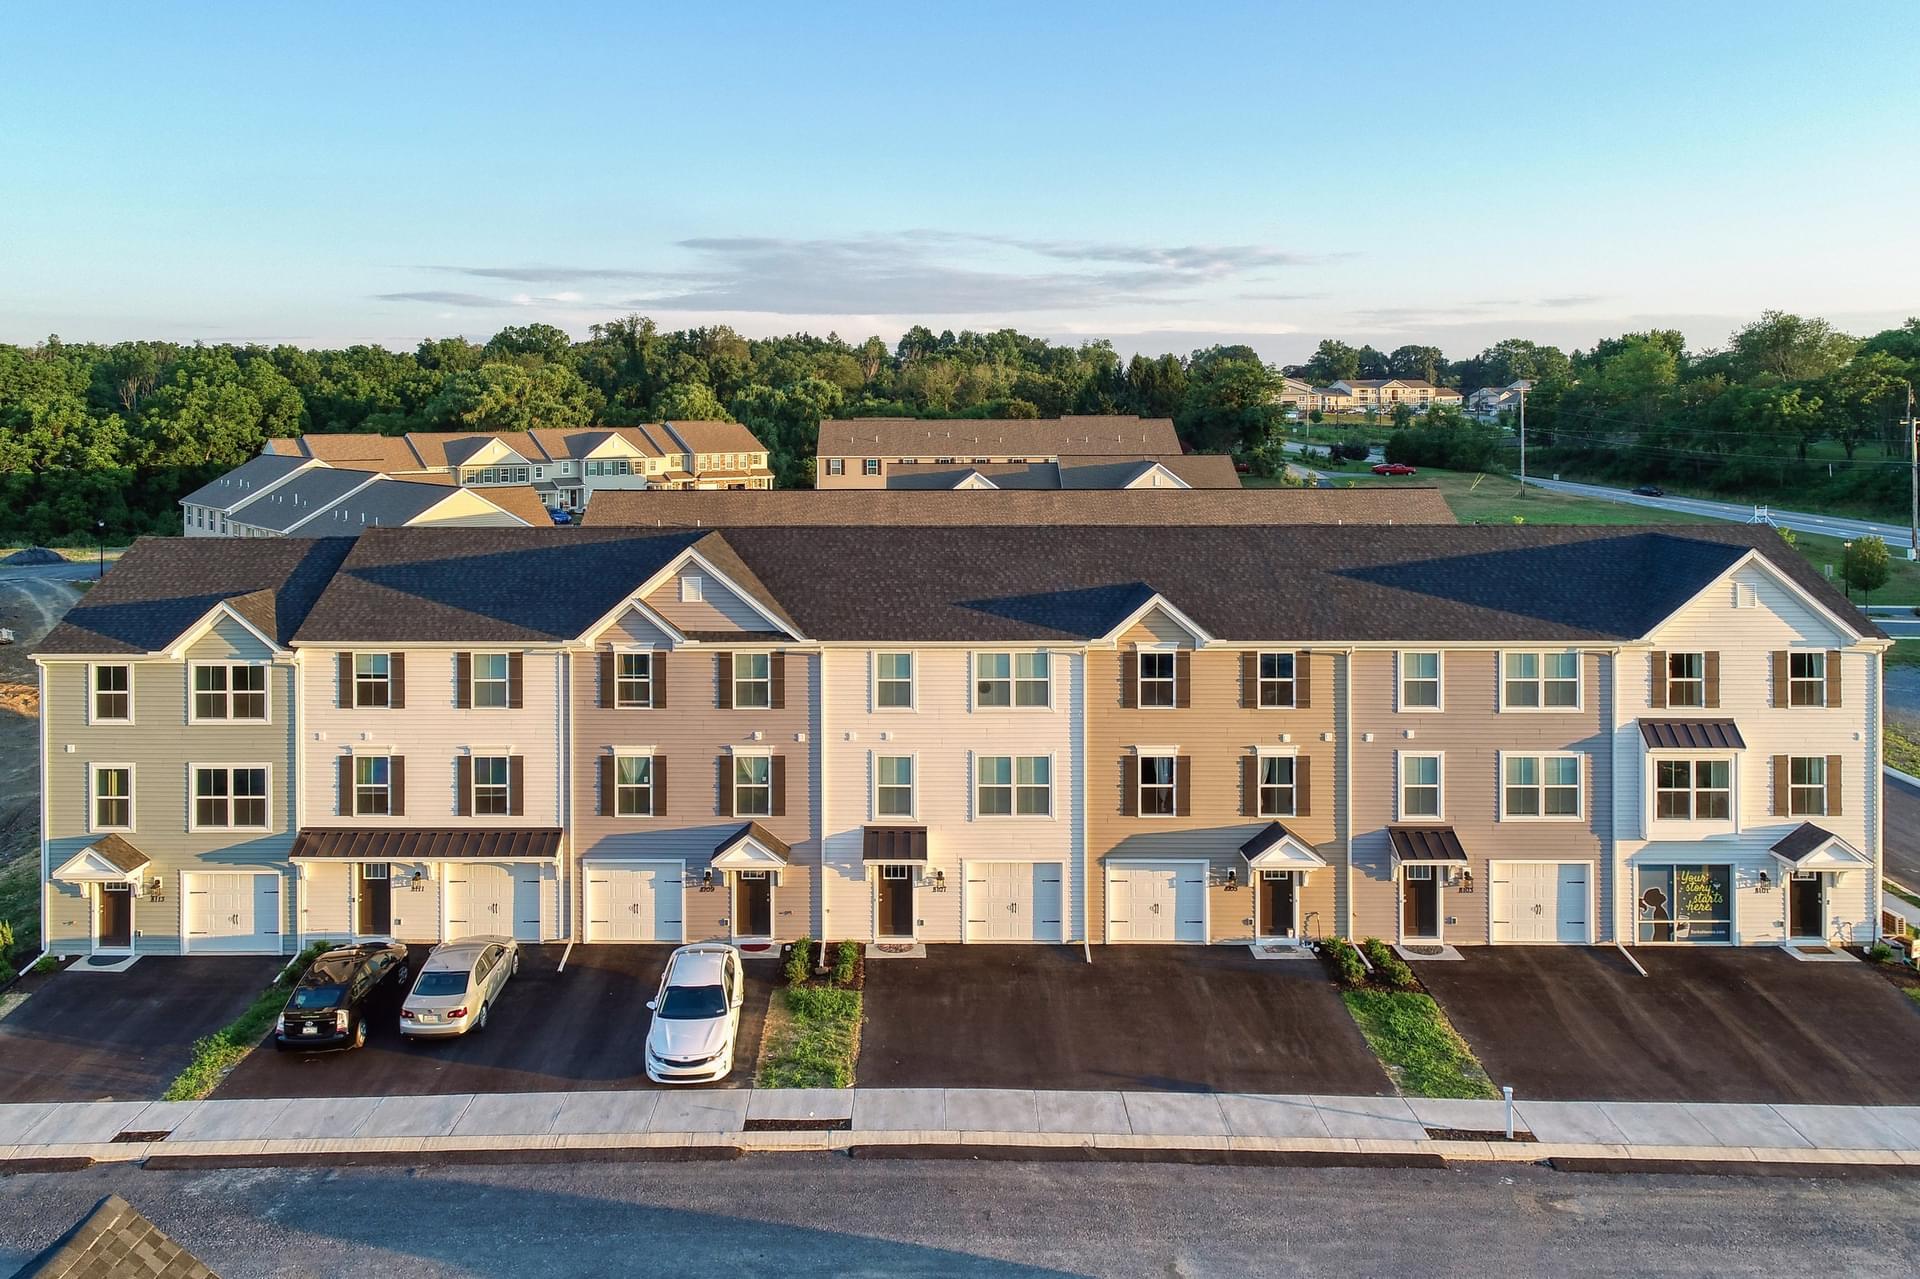 Berks Homes in 8159 Lenker Dr #1905, Harrisburg, PA 17112 PA